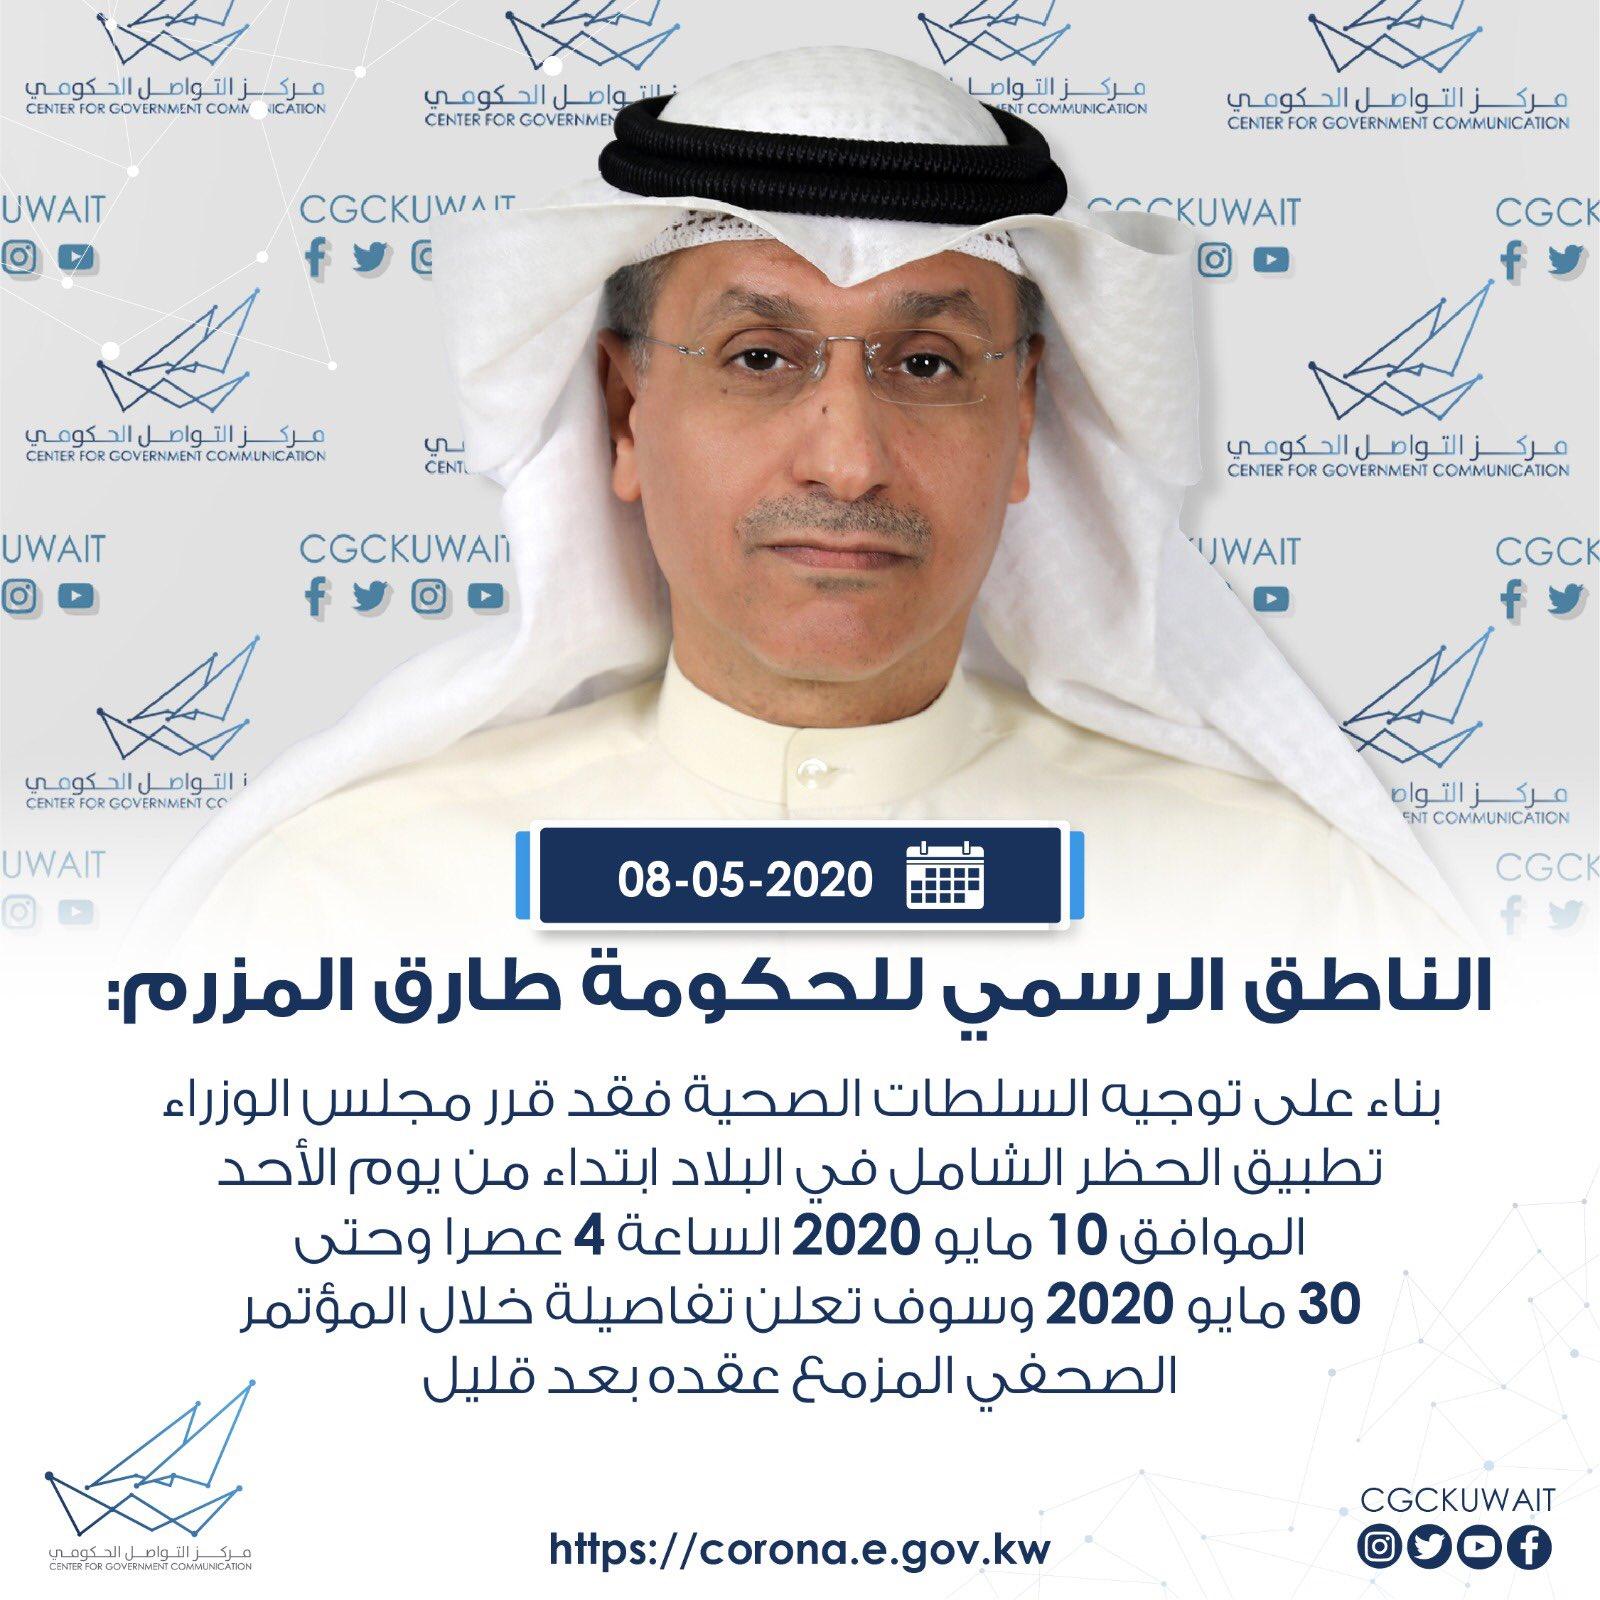 تطبيق الحظر الشامل في الكويت